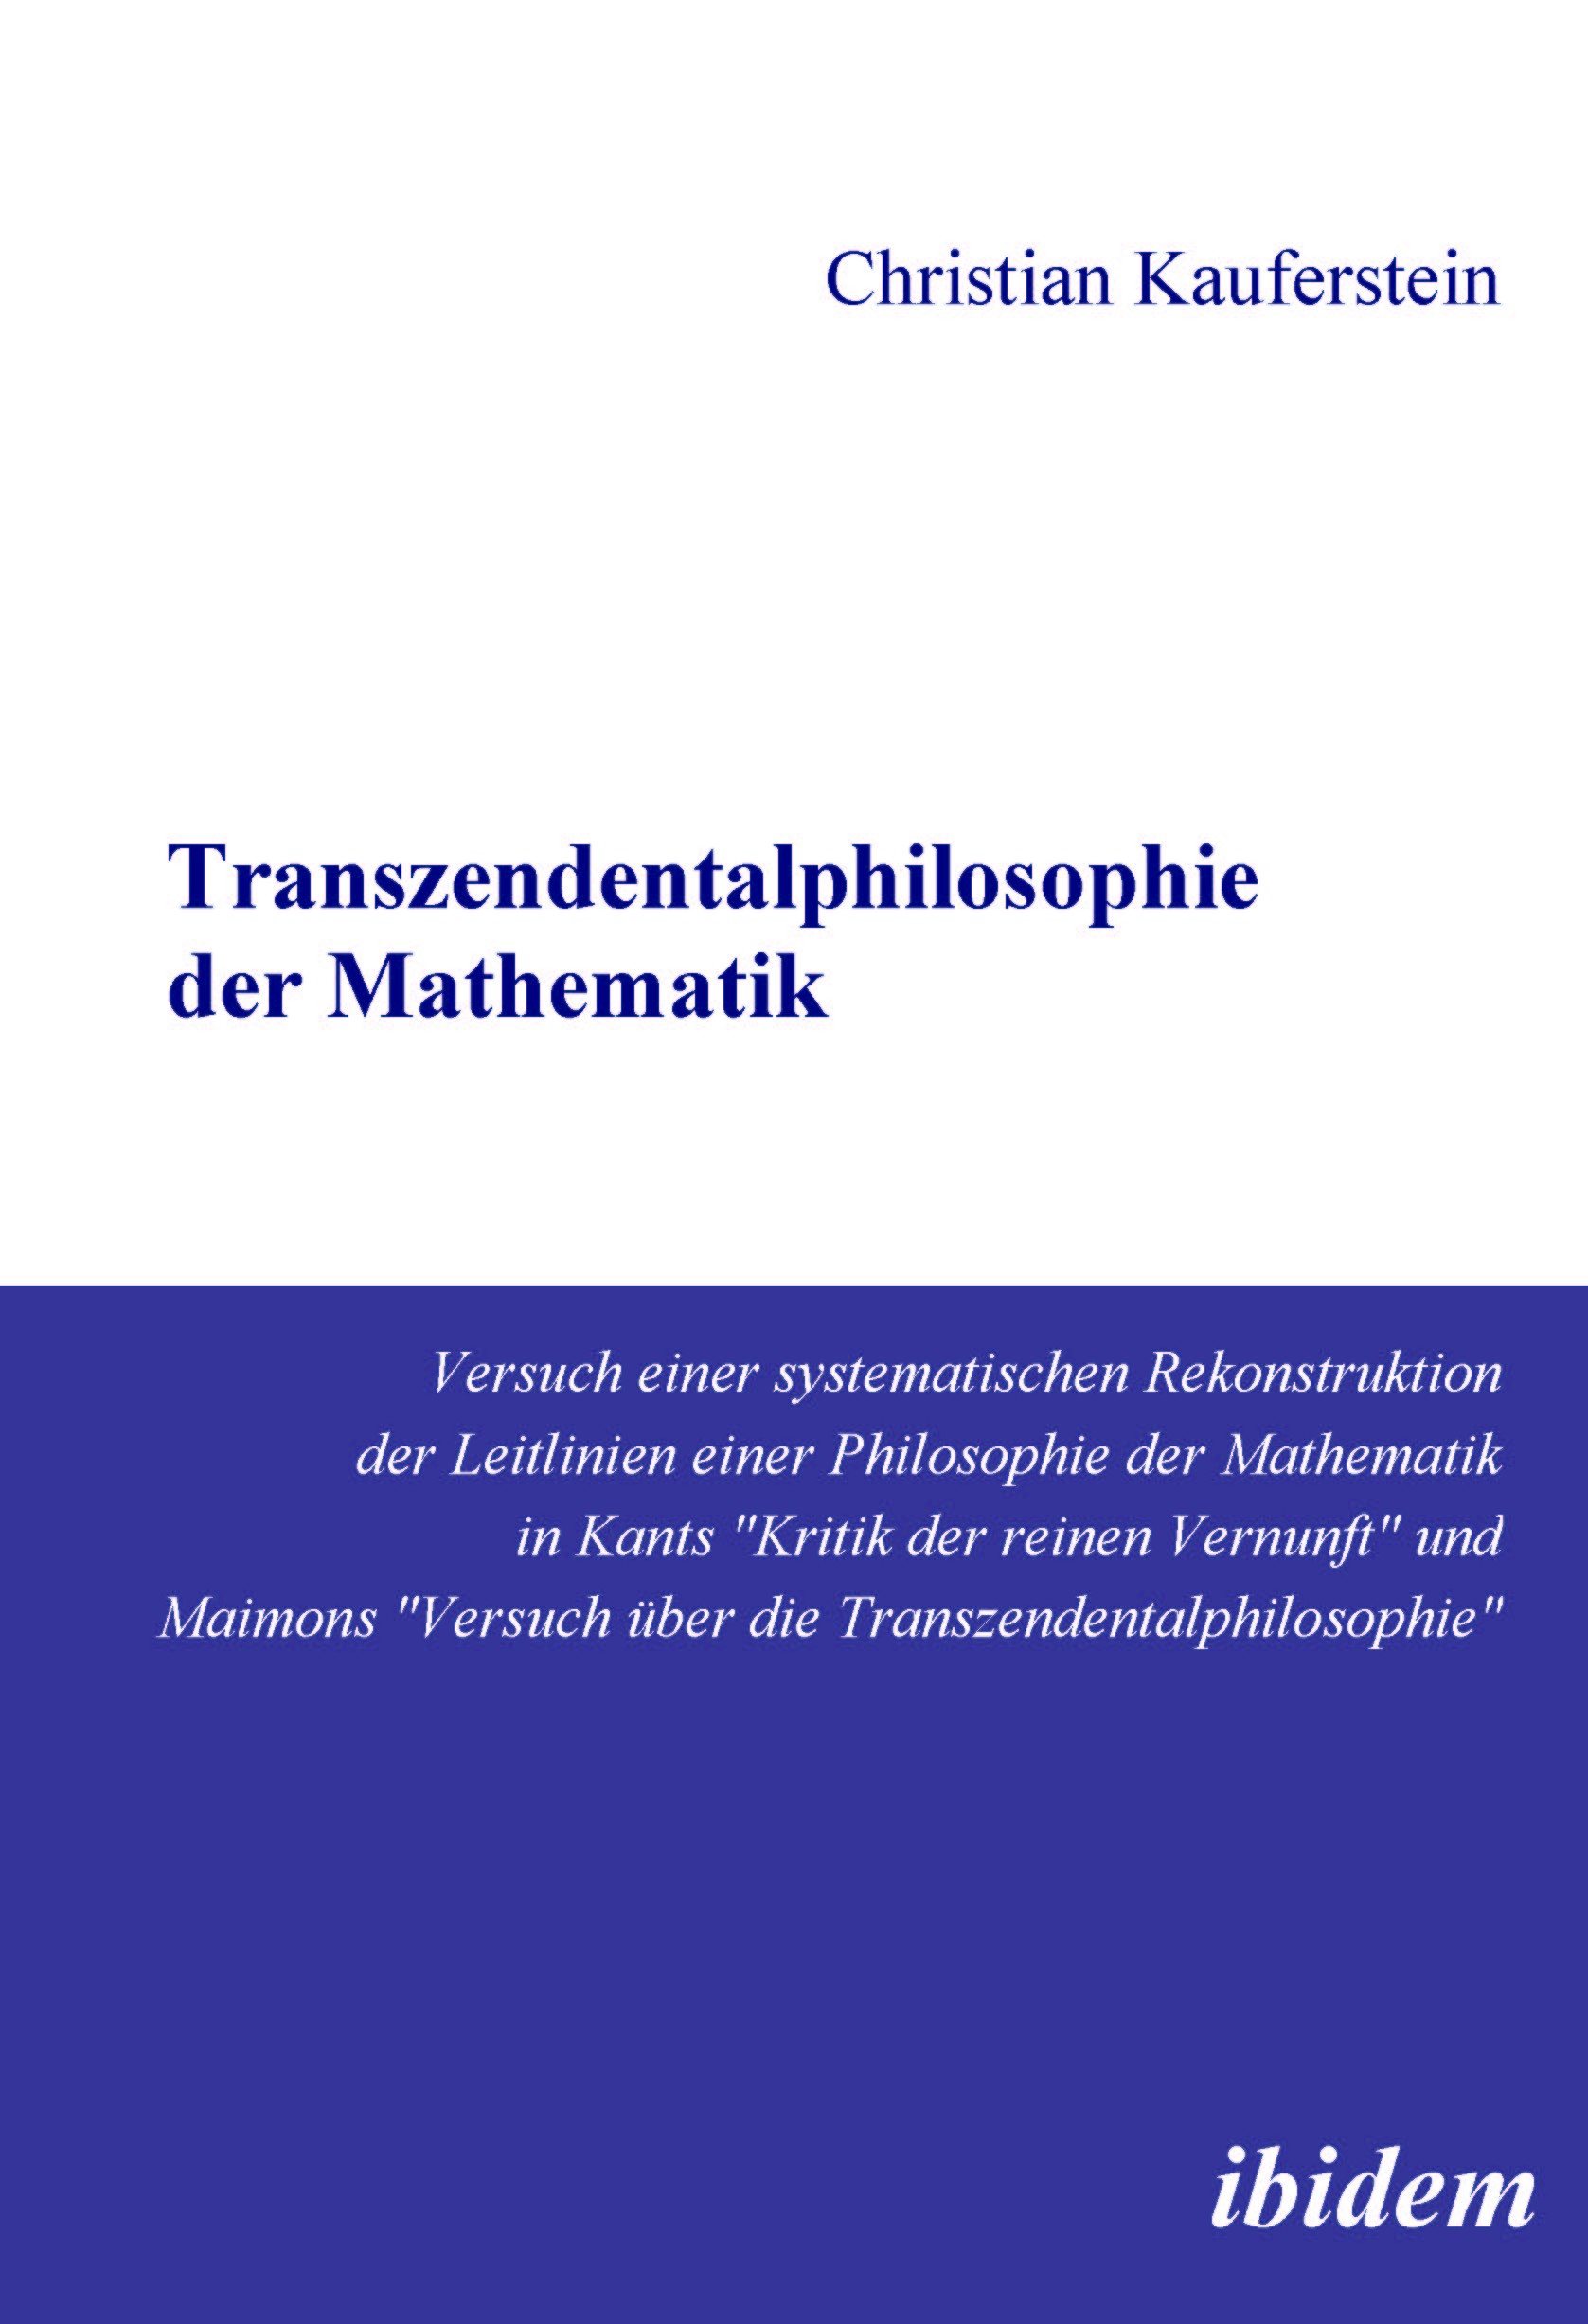 Transzendentalphilosophie der Mathematik